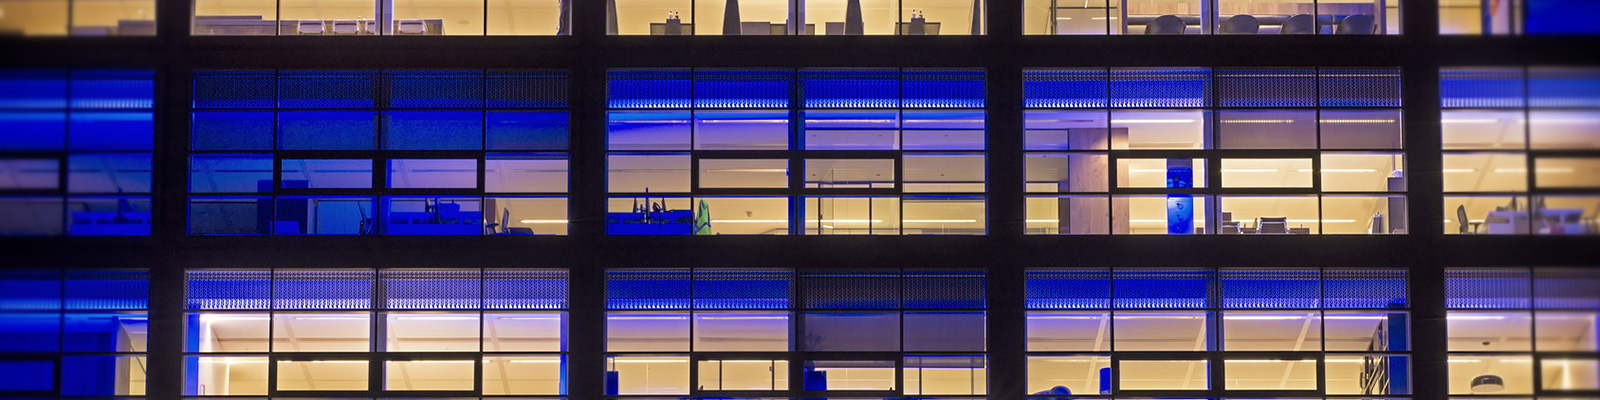 ビルディング オフィス 空間 イメージ